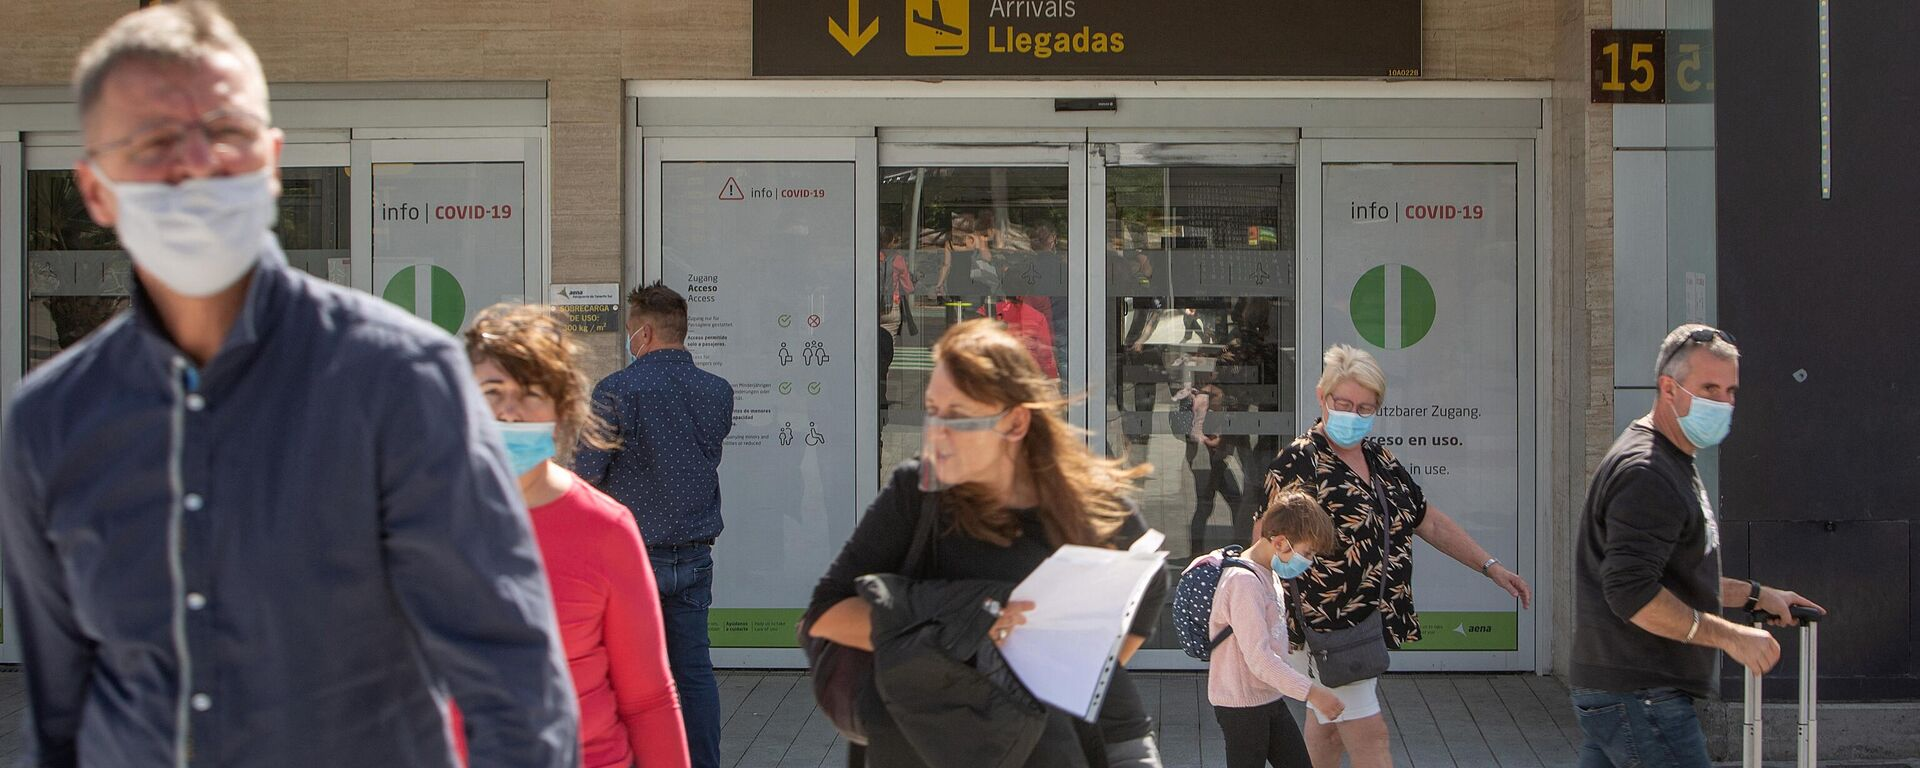 Turistas saliendo del aeropuerto Reina Sofía Tenerife-Sur - Sputnik Mundo, 1920, 03.03.2021